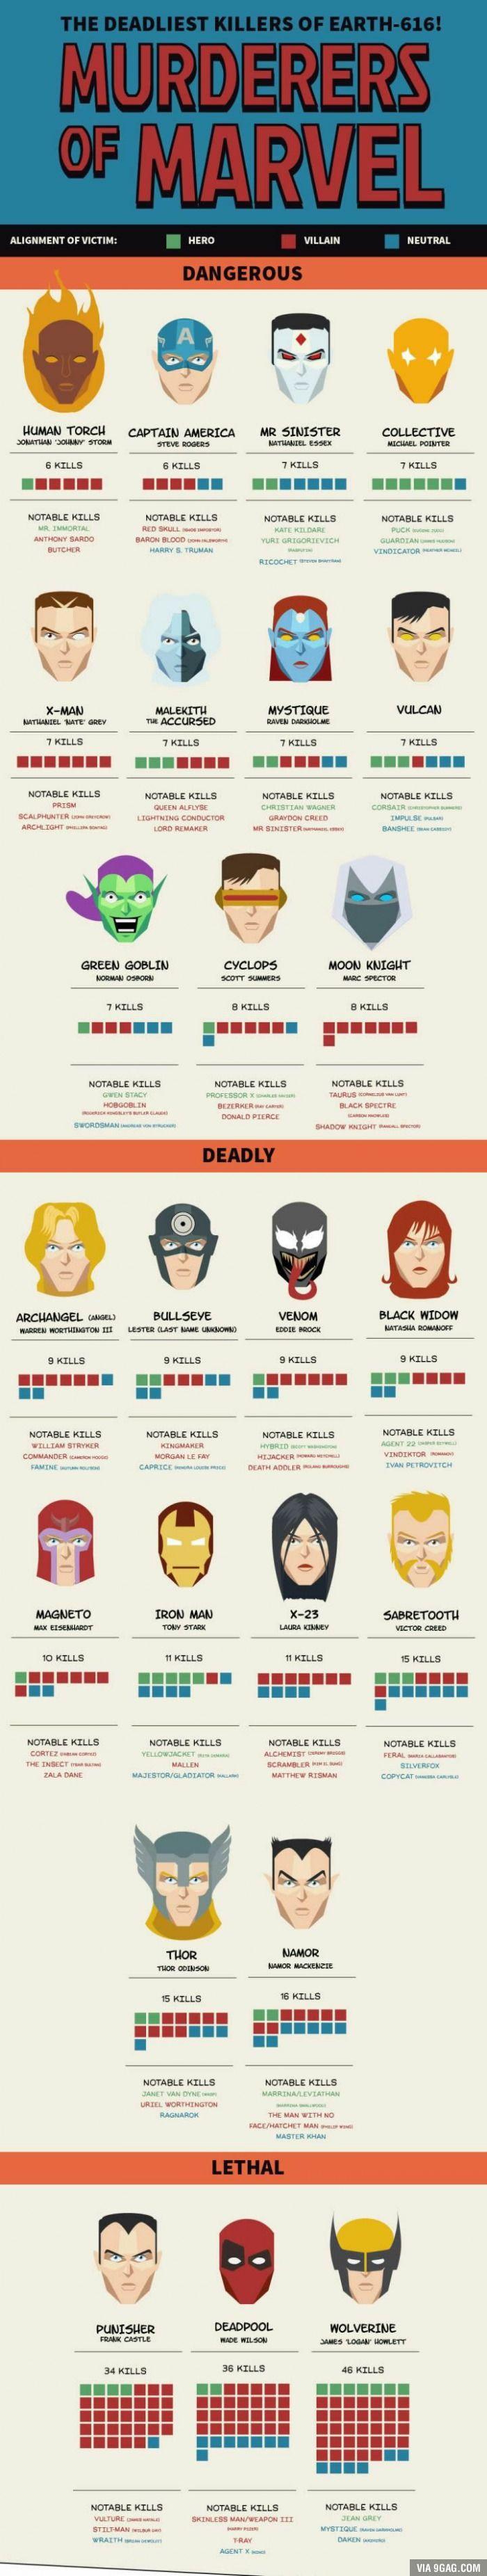 Murderers of Marvel